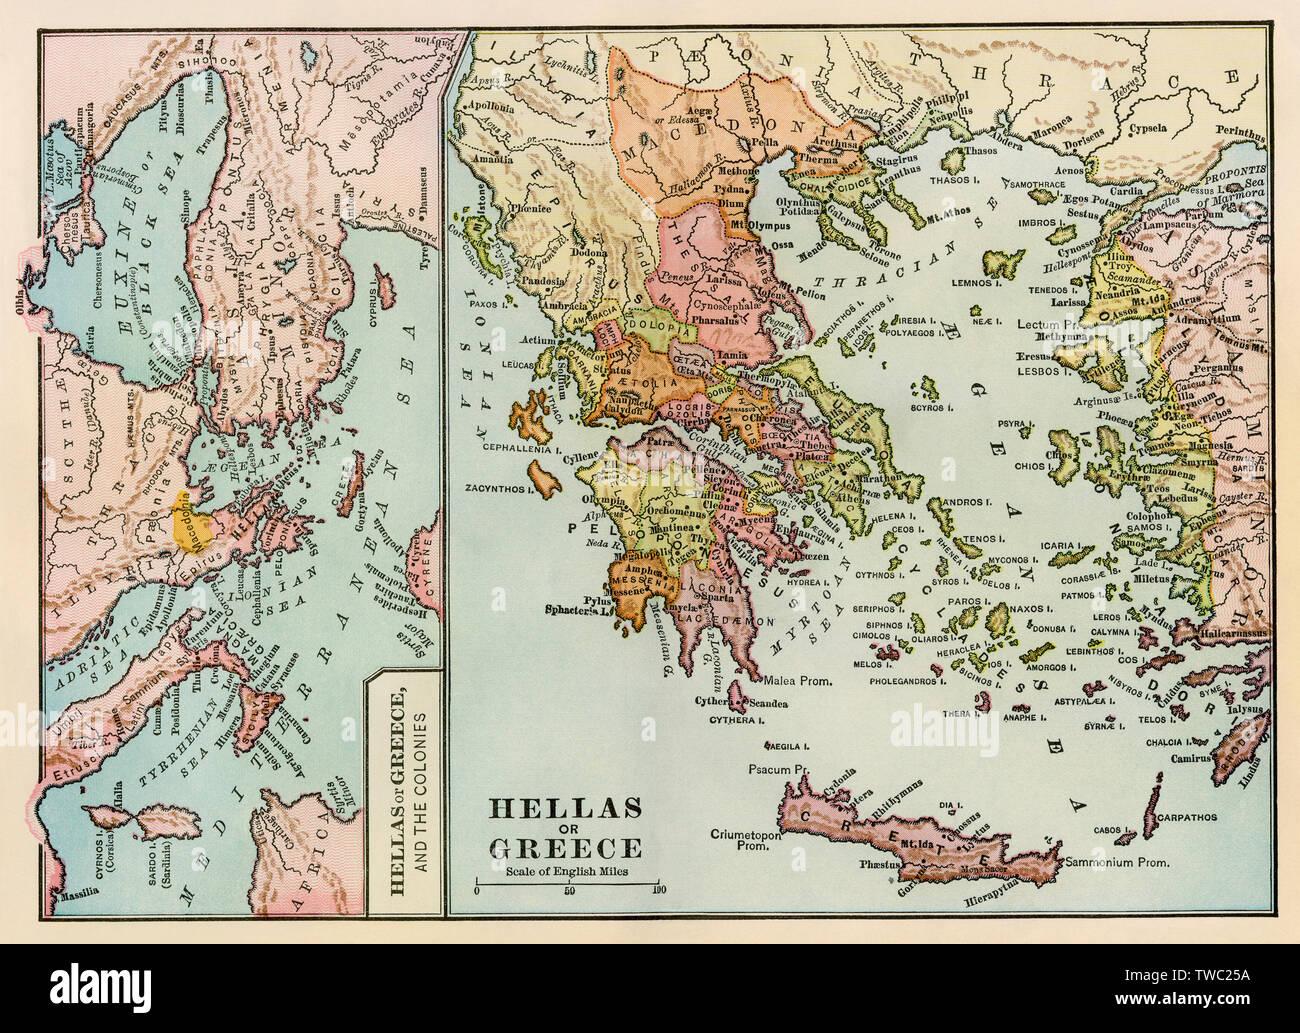 Cartina Della Grecia Antica In Italiano.Mappa Di Grecia Antica E L Impero Greco Litografia A Colori Foto Stock Alamy